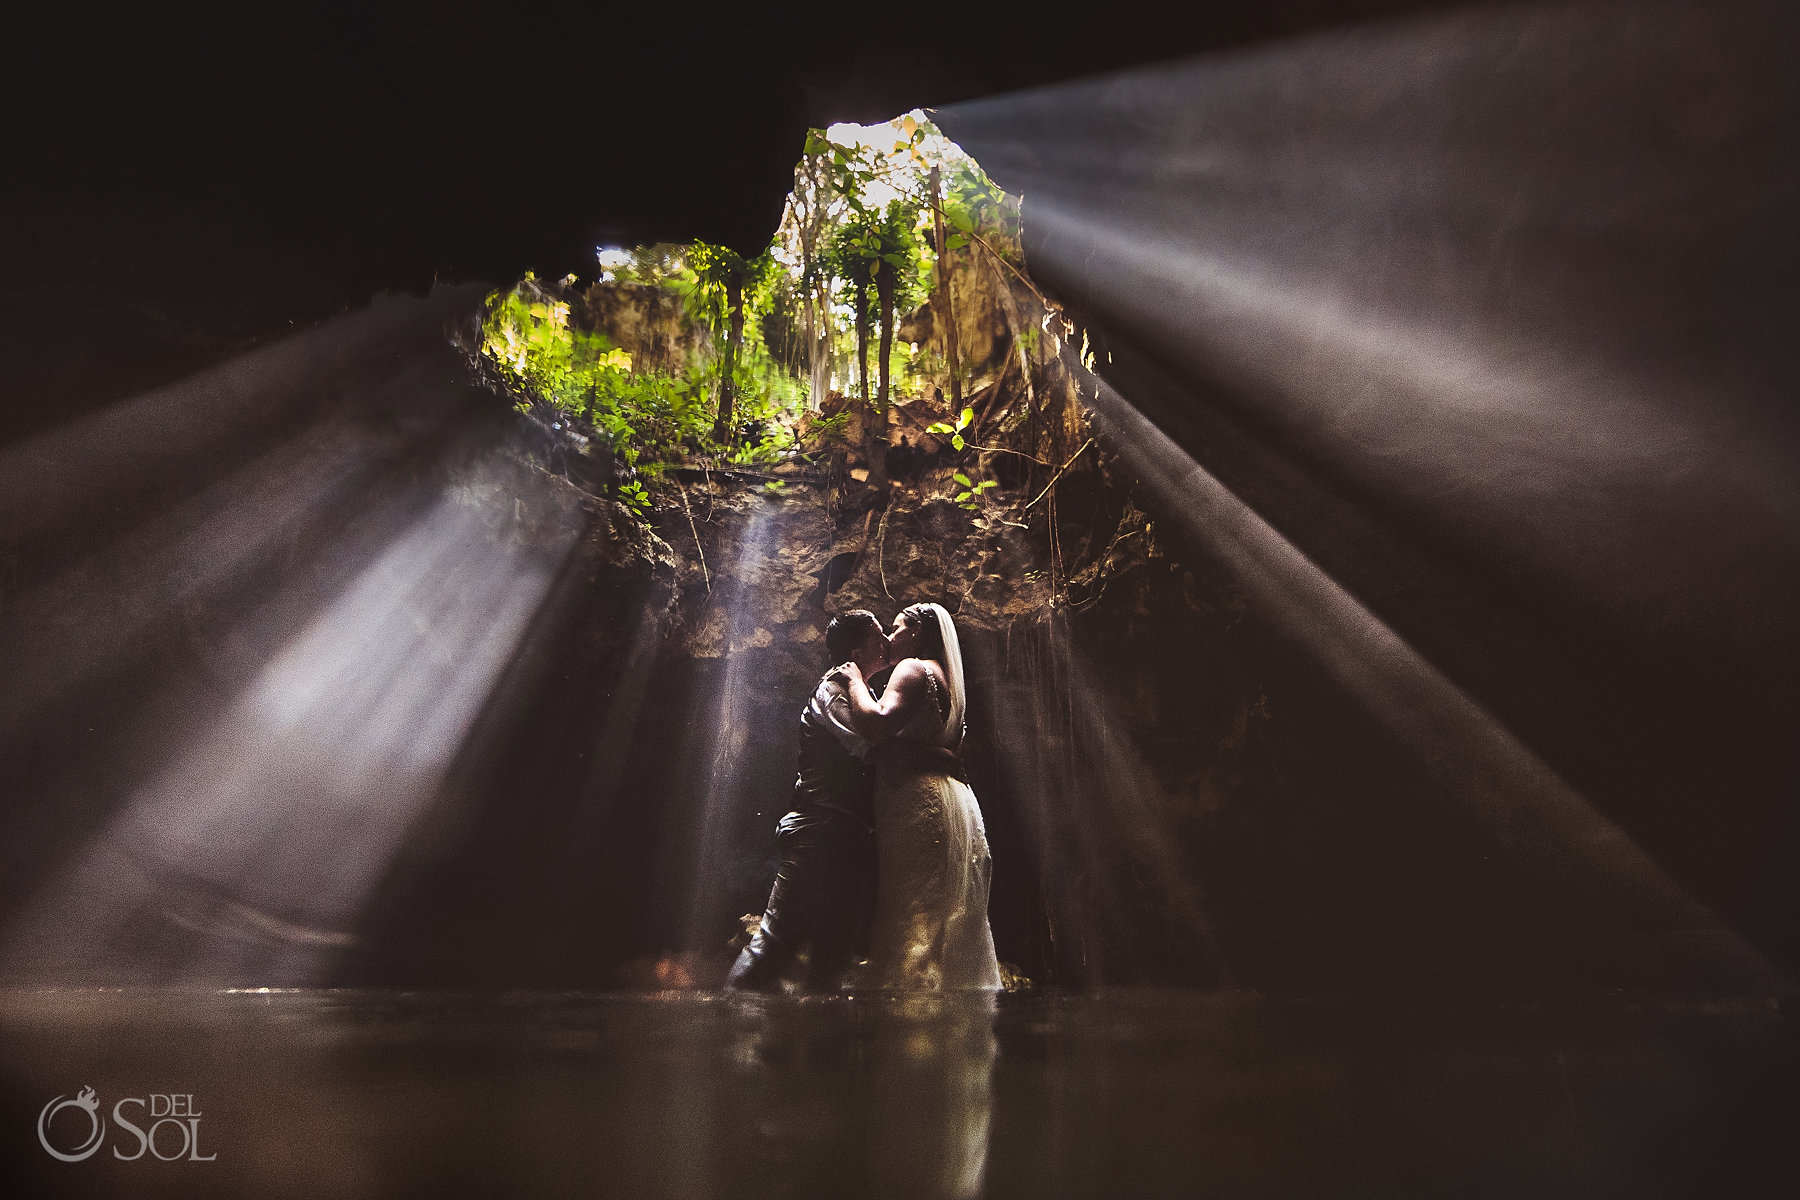 mayan underworld Tulum Cenote Experience couple photoshoot